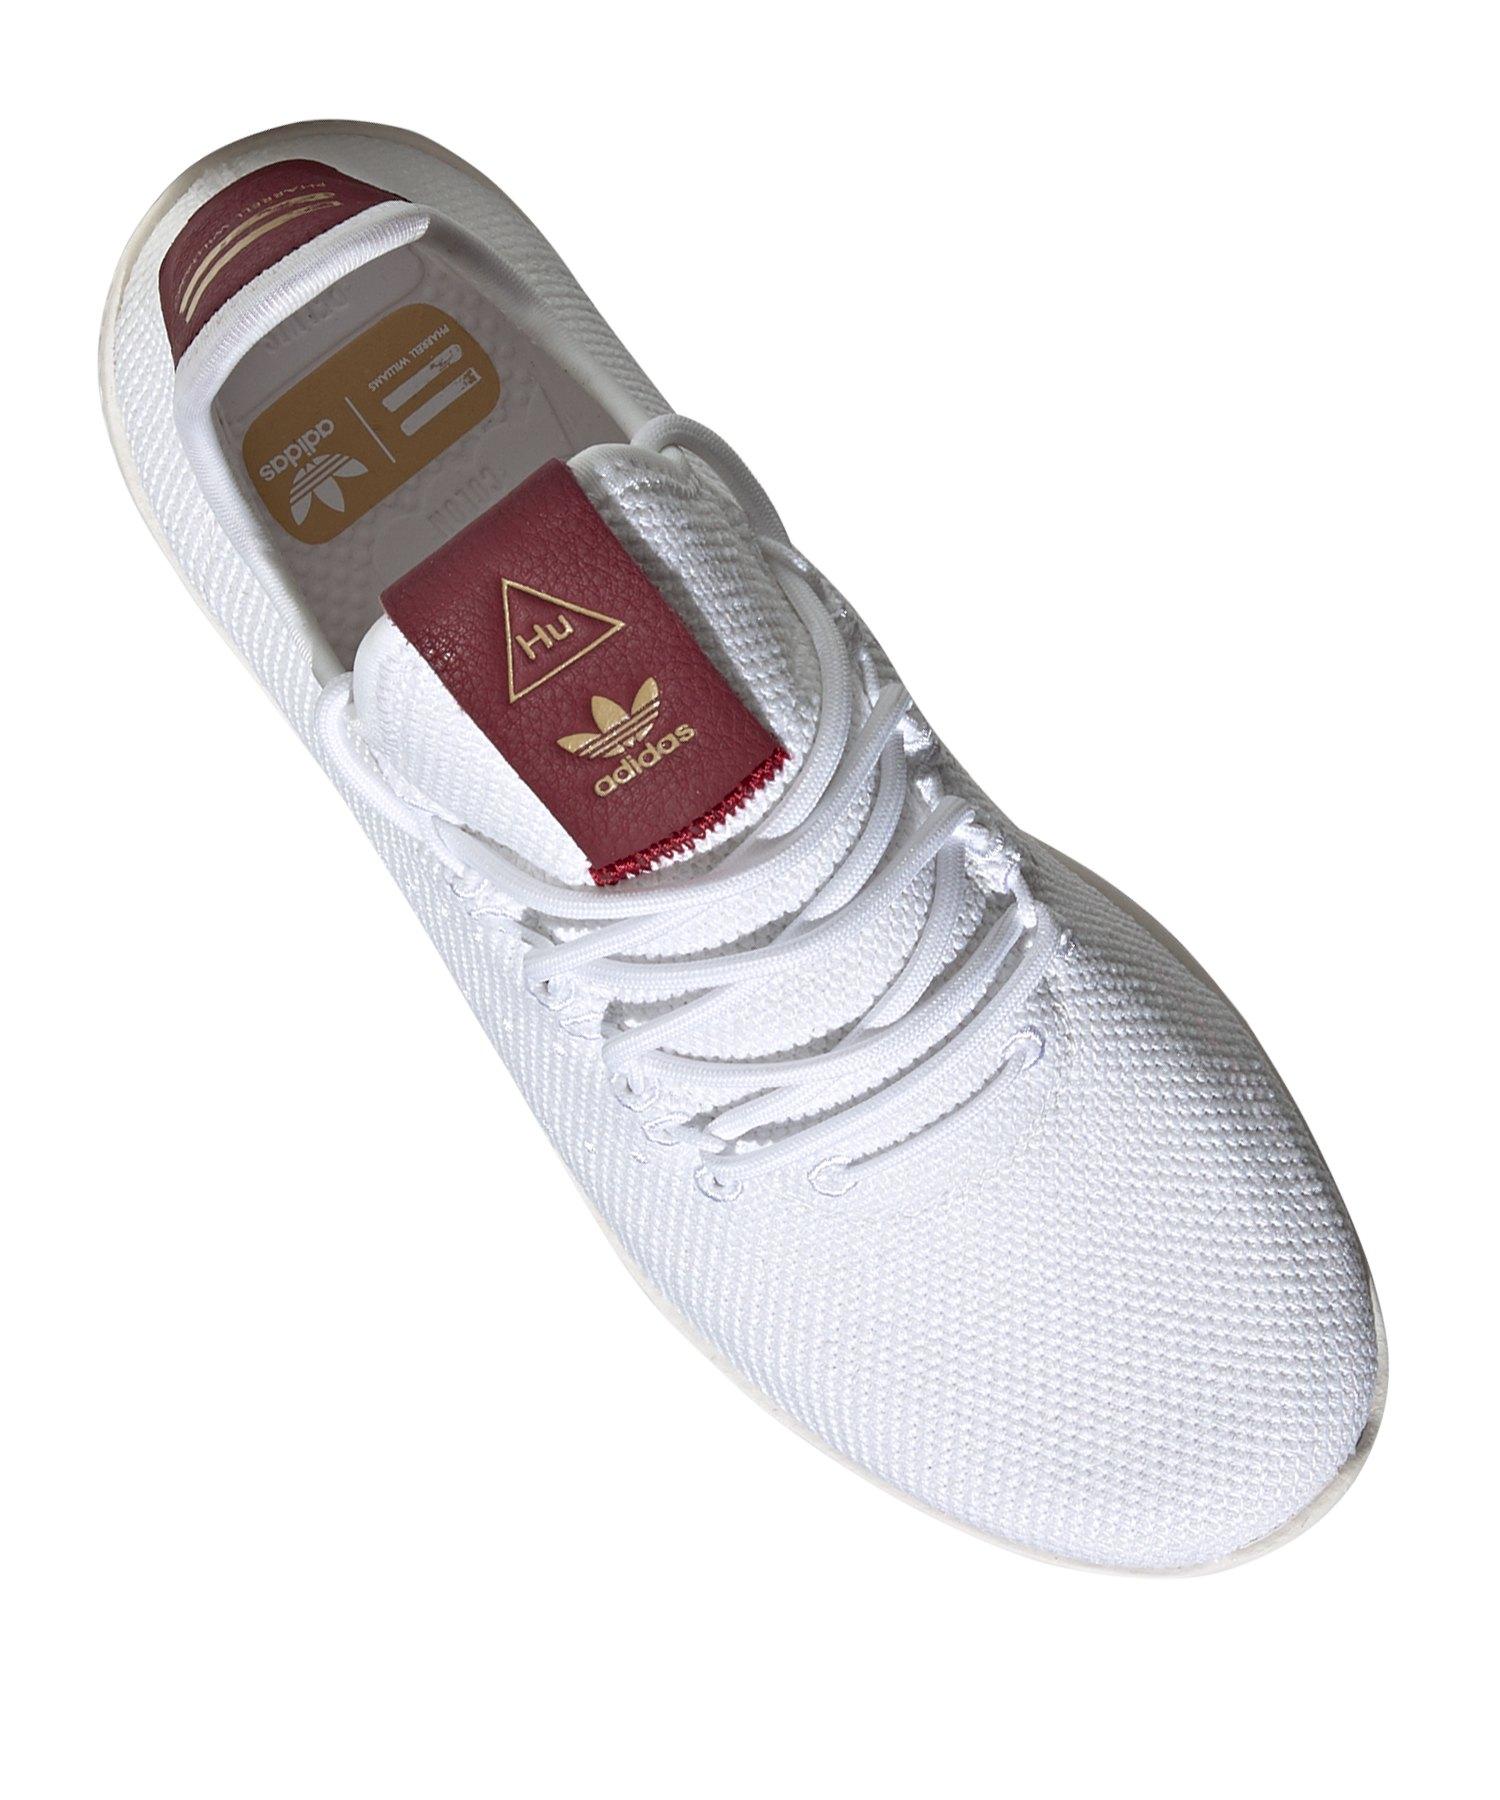 Hu Sneaker Weiss Damen Originals Pw Adidas Tennis LRj435Aq